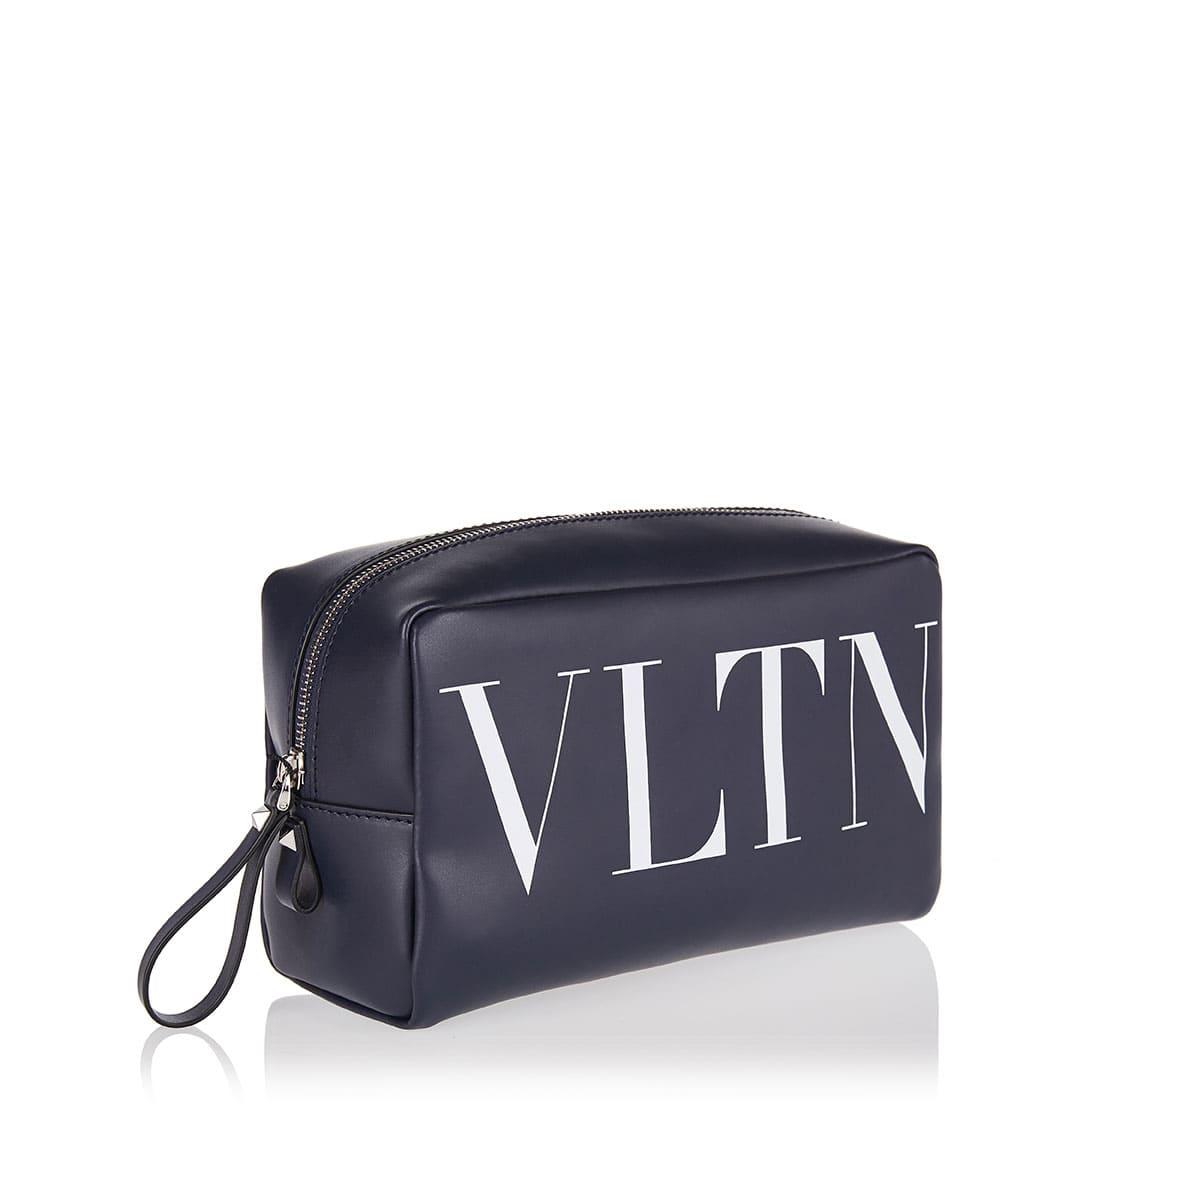 VLTN leather wash bag